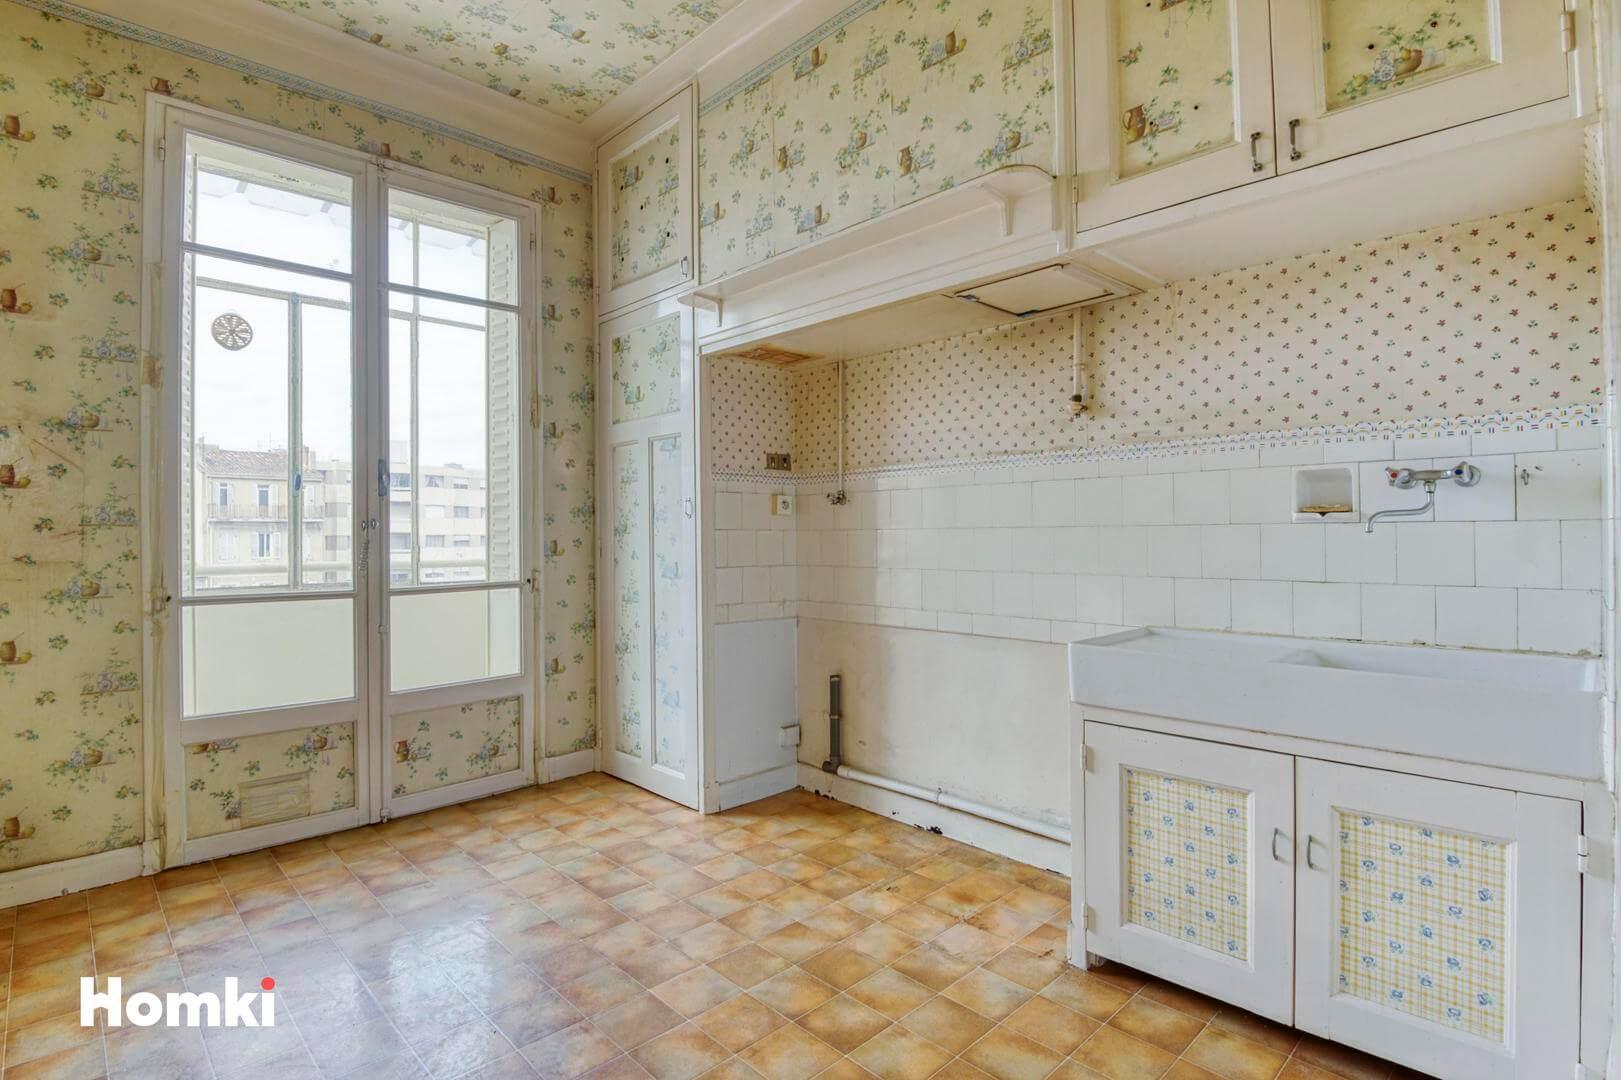 Homki - Vente Appartement  de 60.0 m² à Marseille 13004